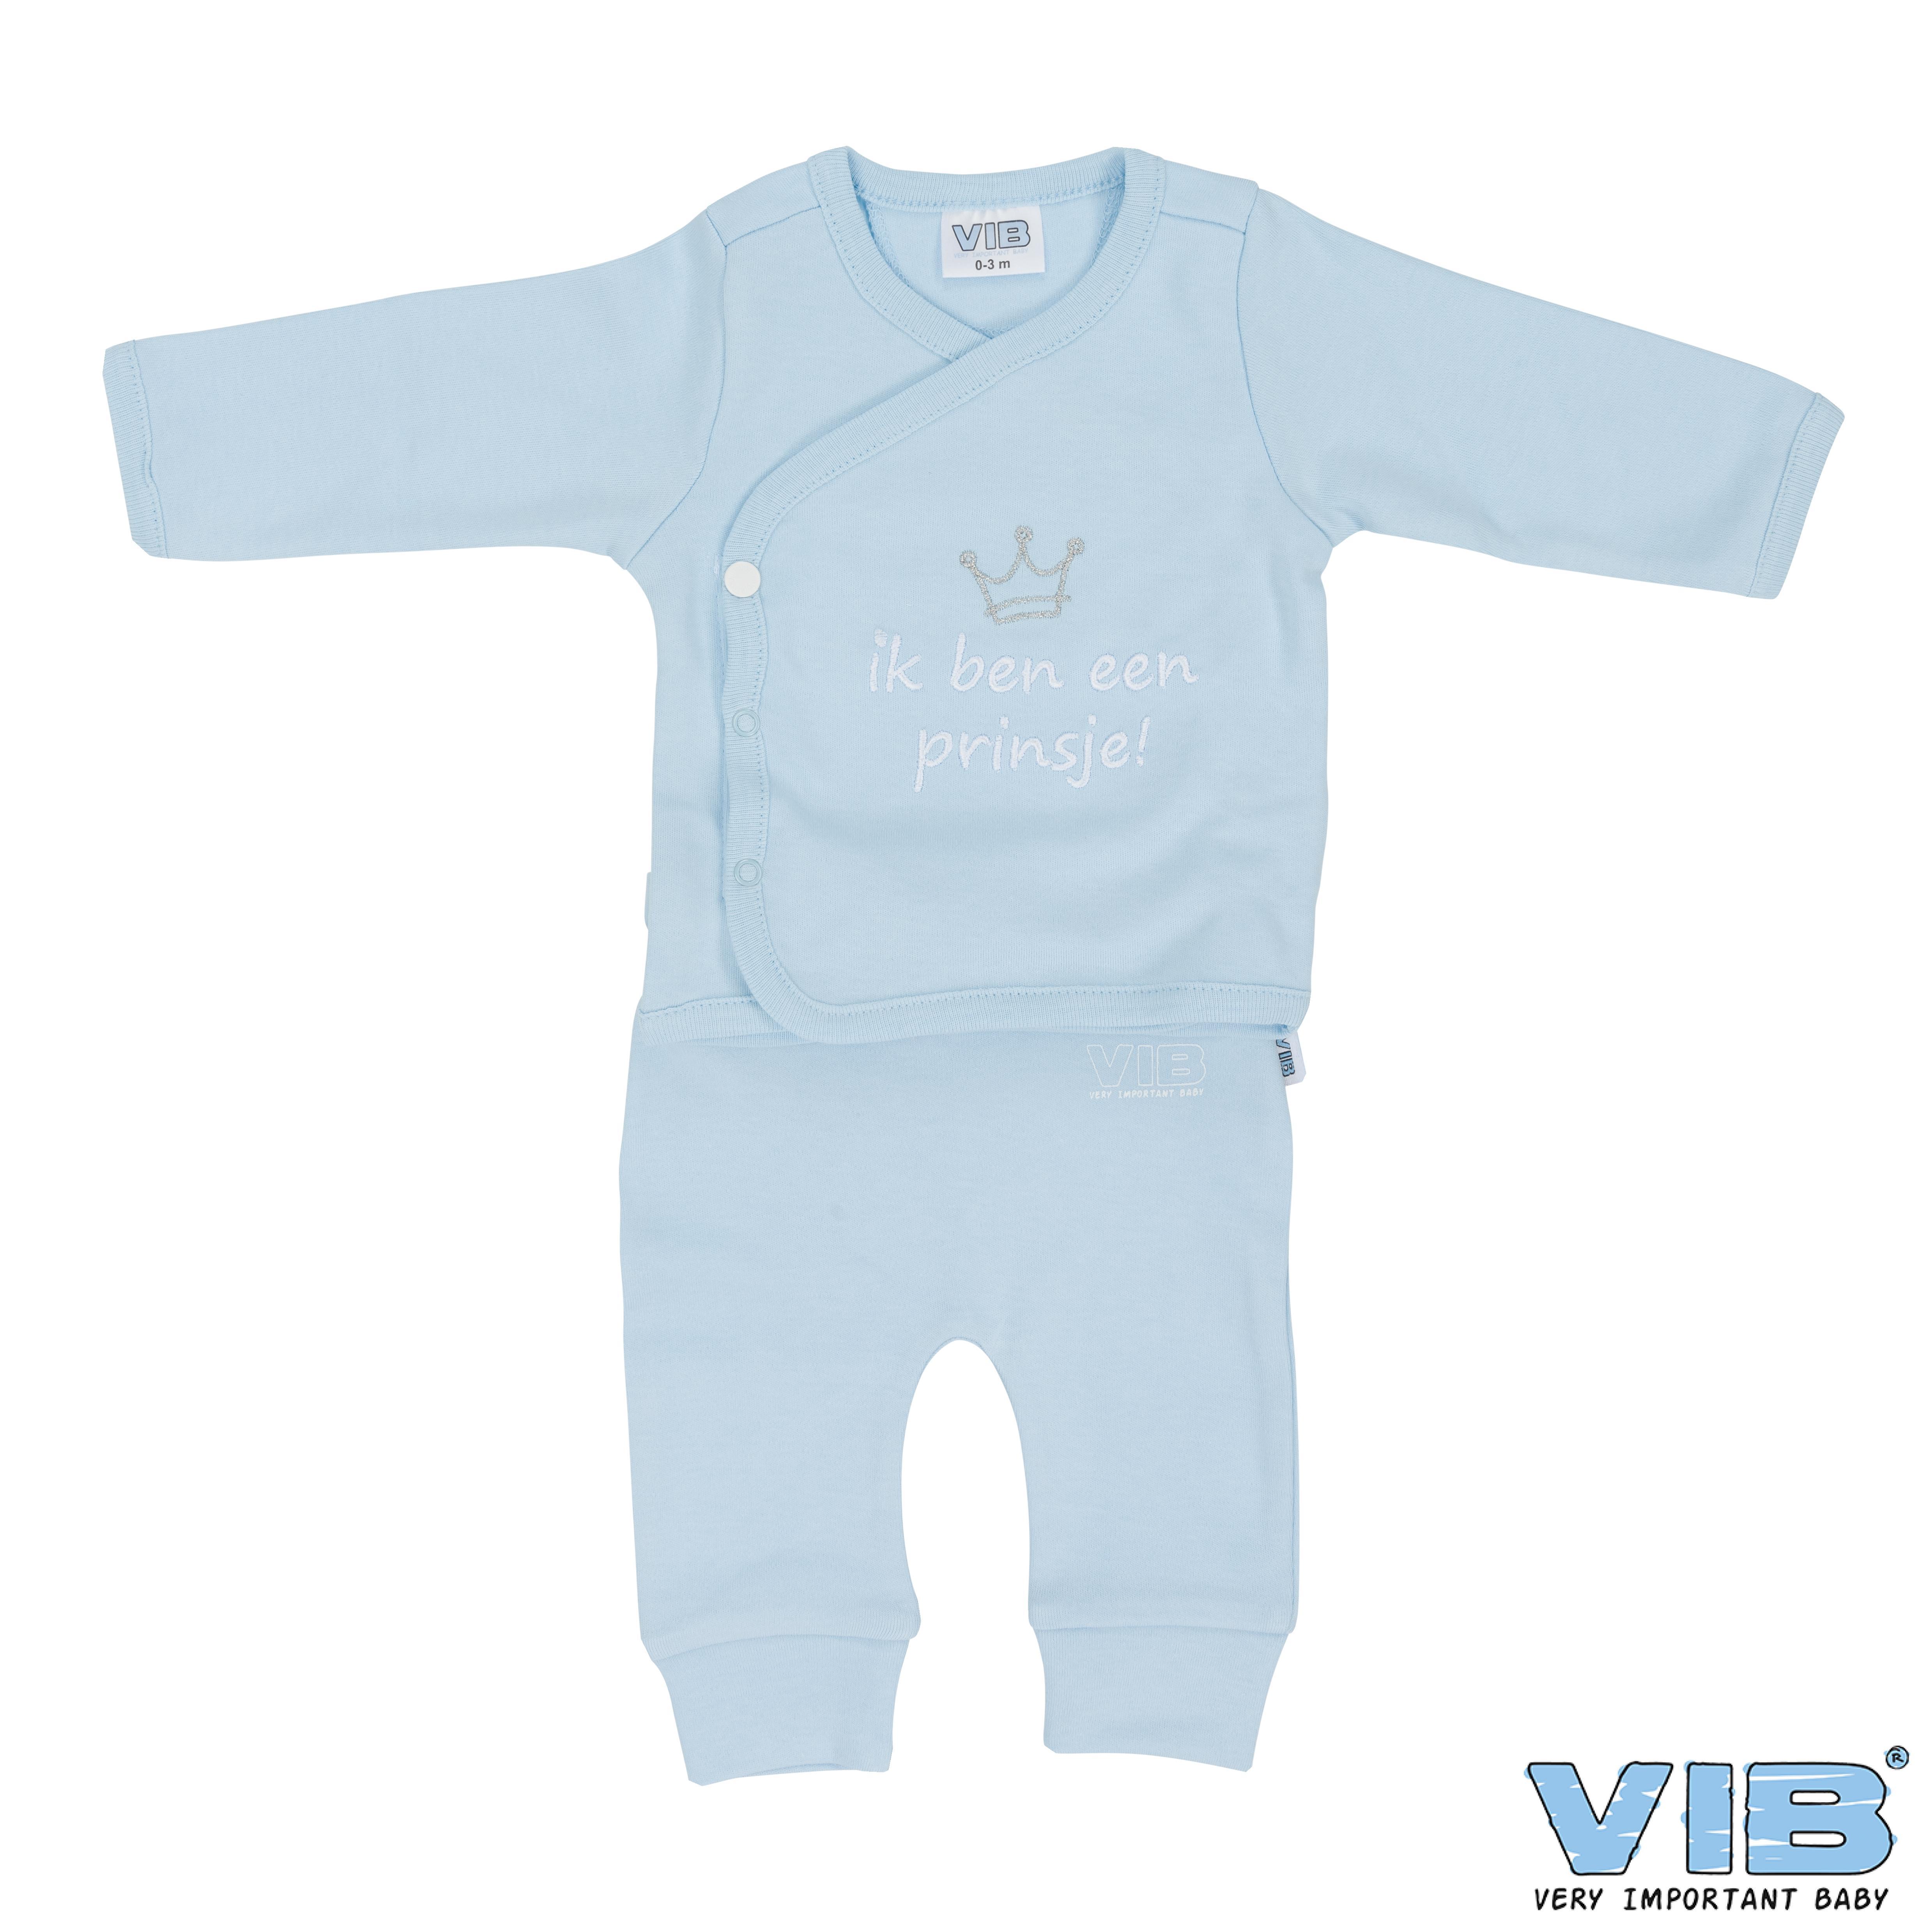 2-Delig Setje Broek+T-Shirt Blauw 'Ik ben een prinsje' 0-3 Maanden